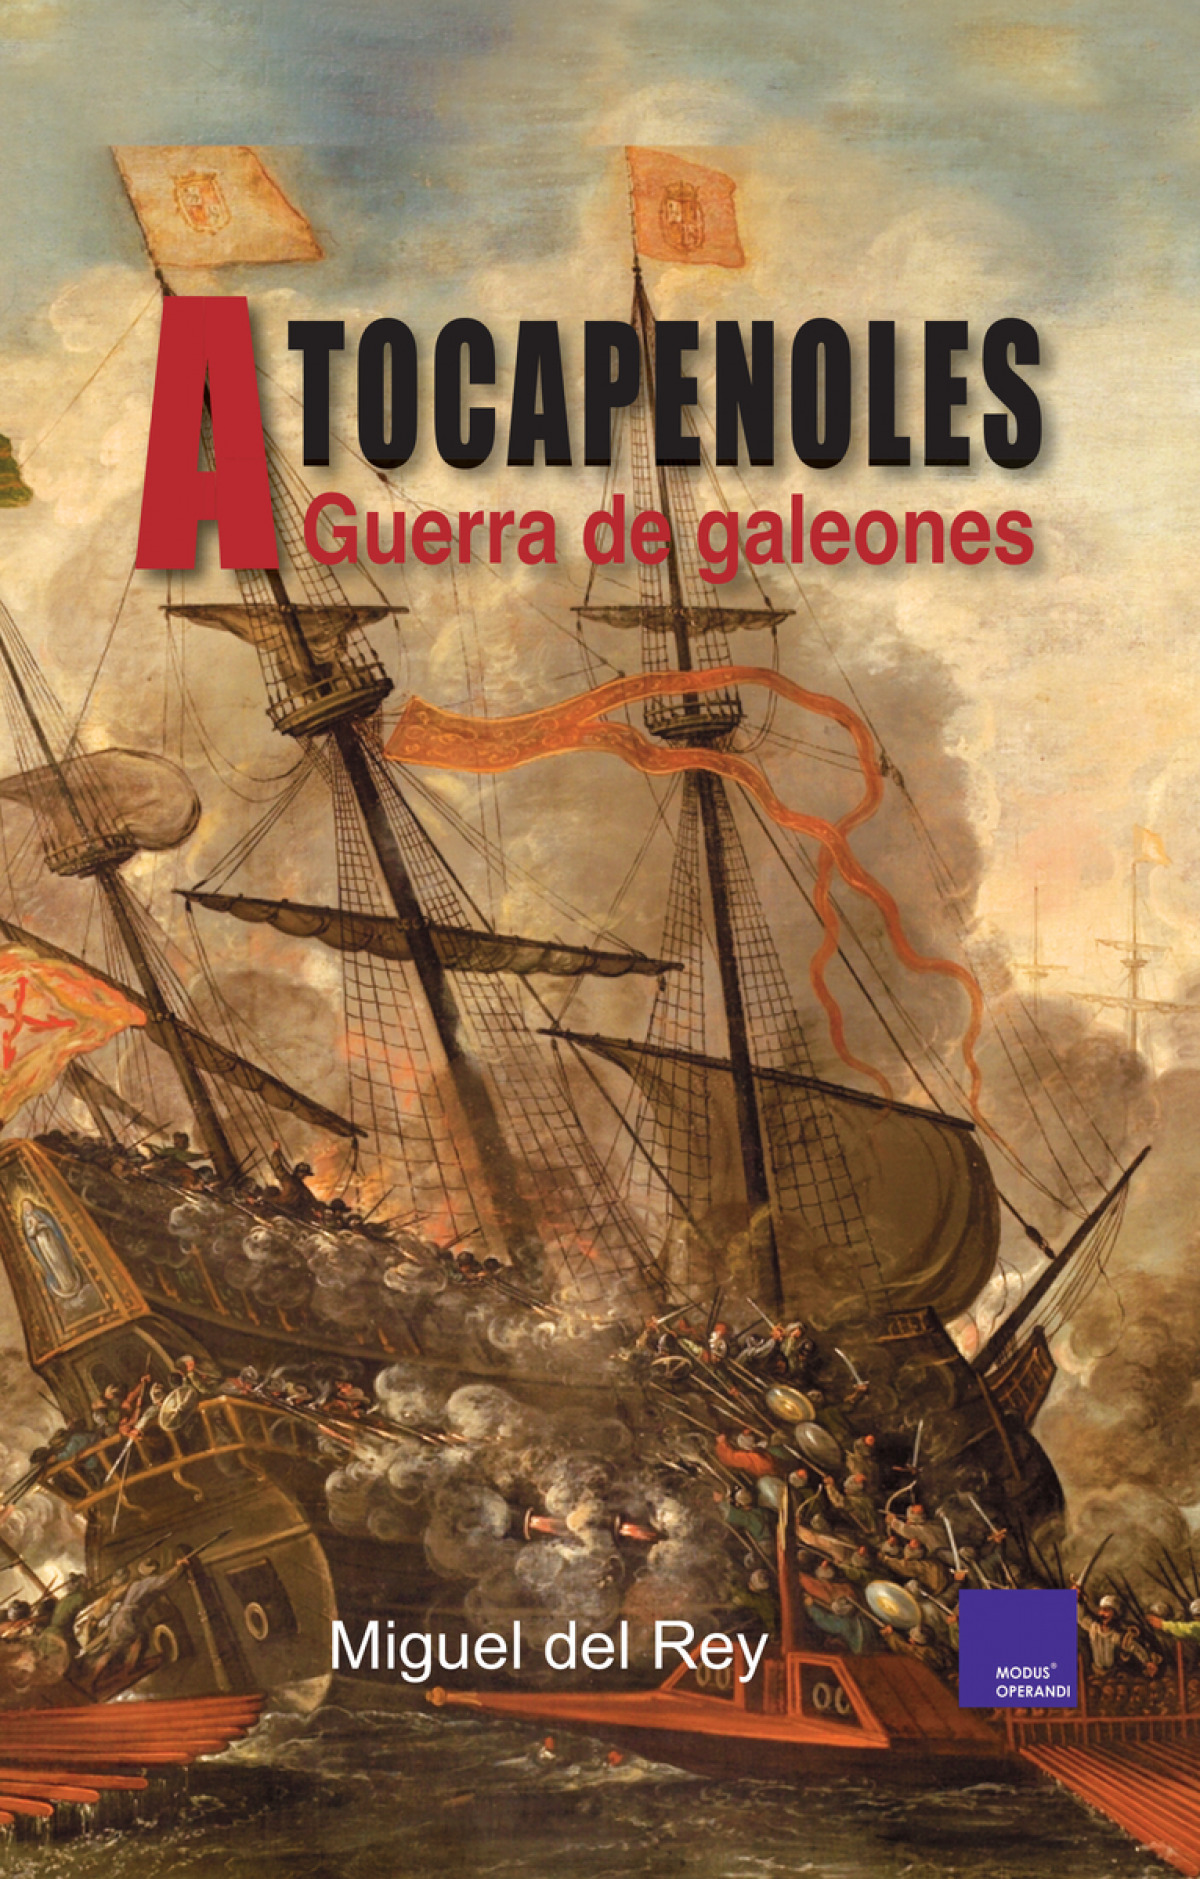 A TOCAPENOLES 9788418016028